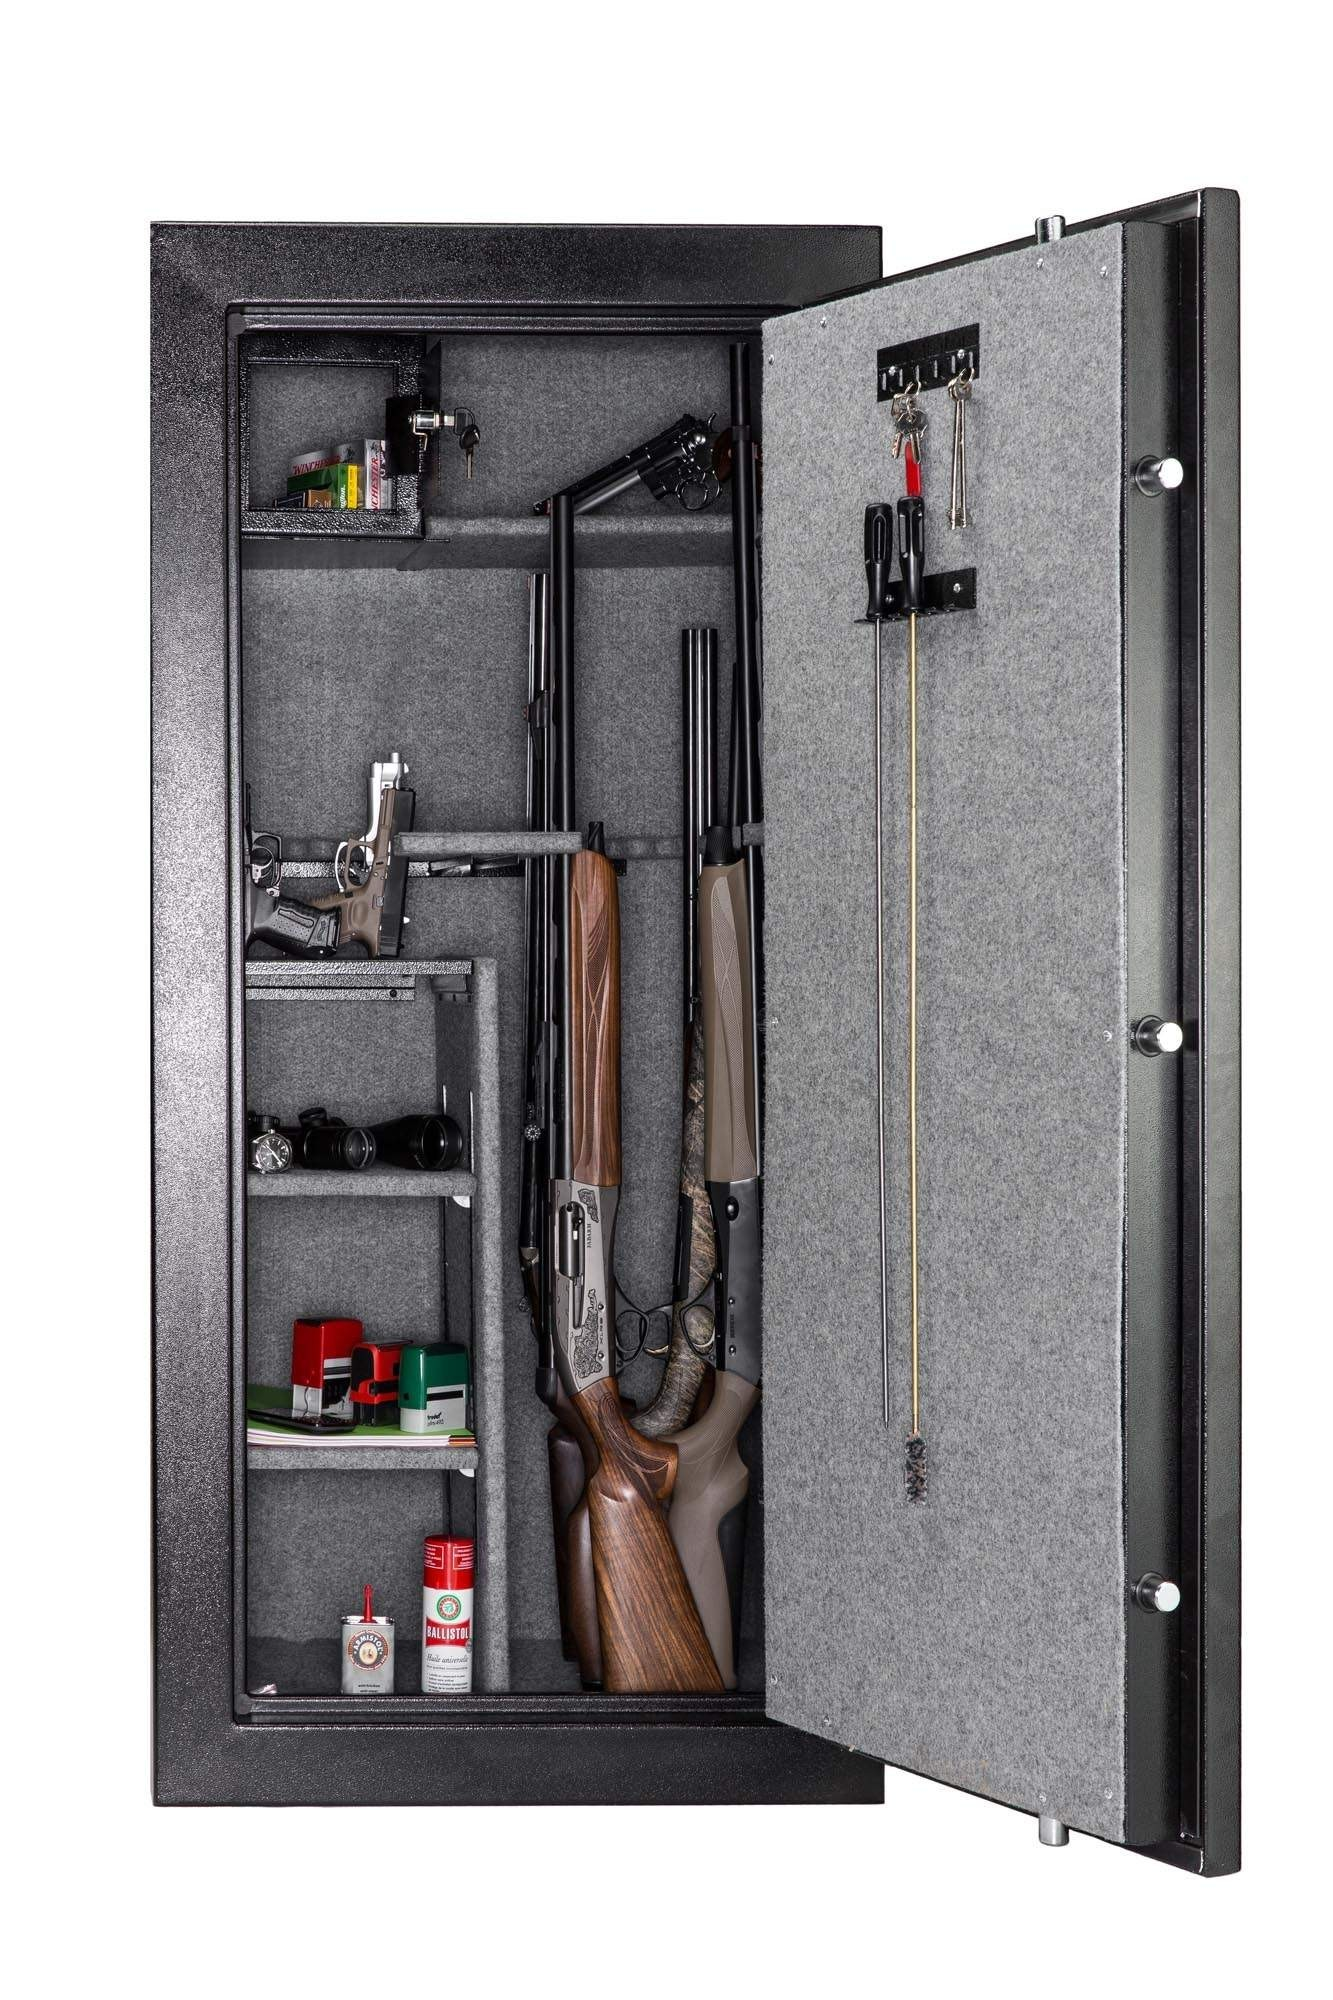 armoire forte buffalo river digital premium 22 armes armoires fortes pour armes longues. Black Bedroom Furniture Sets. Home Design Ideas